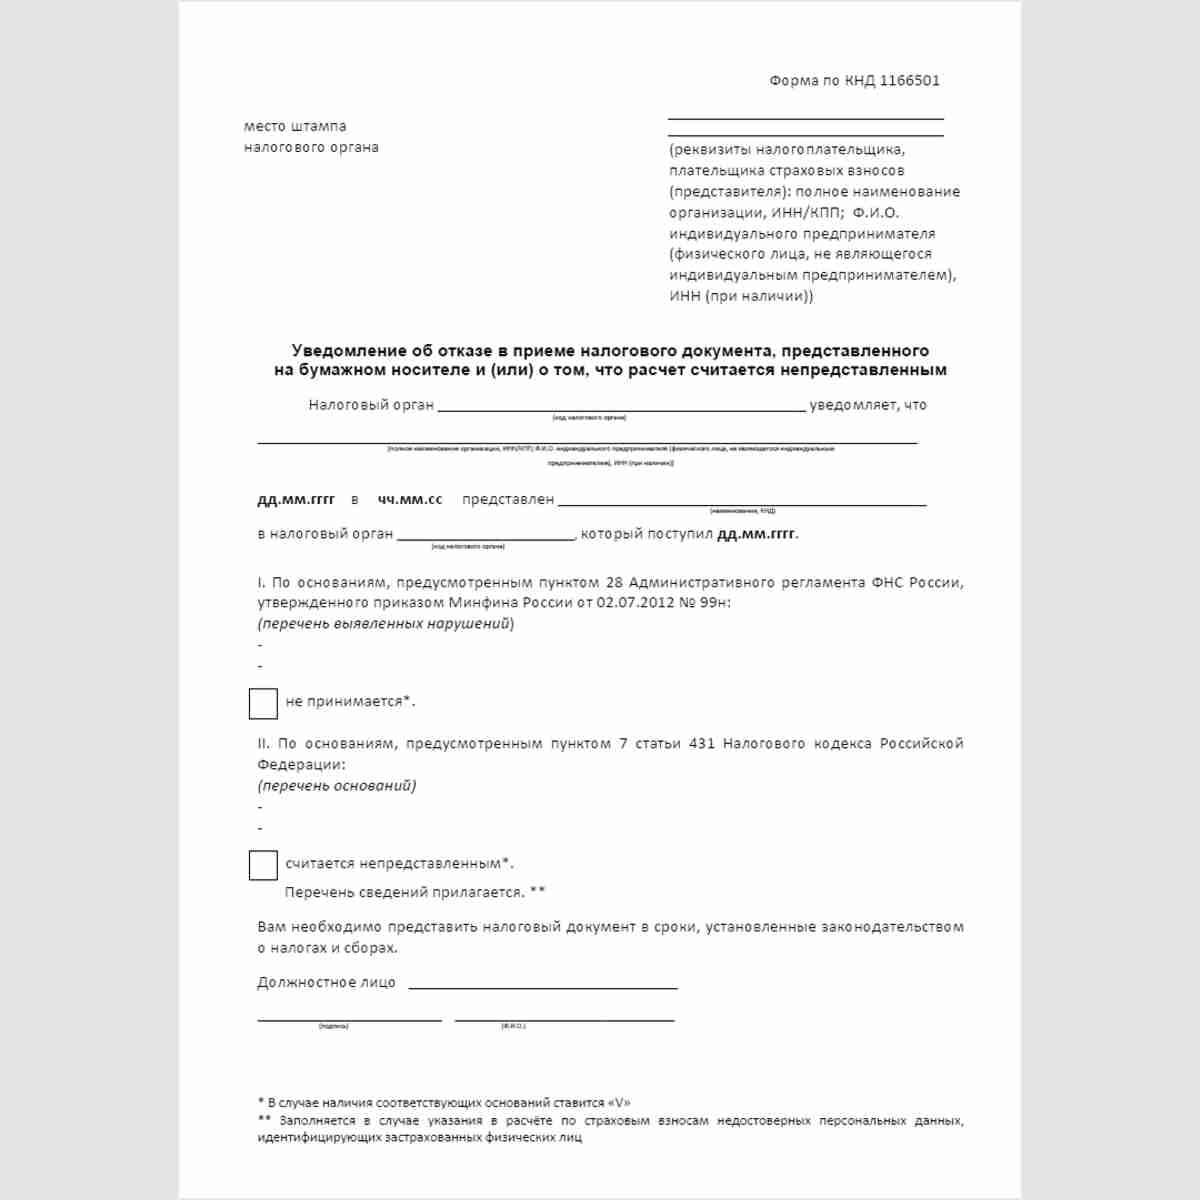 """Форма КНД 1166501 """"Уведомление об отказе в приеме налогового документа, представленного на бумажном носителе и (или) о том, что расчет считается непредставленным"""". Стр. 1"""